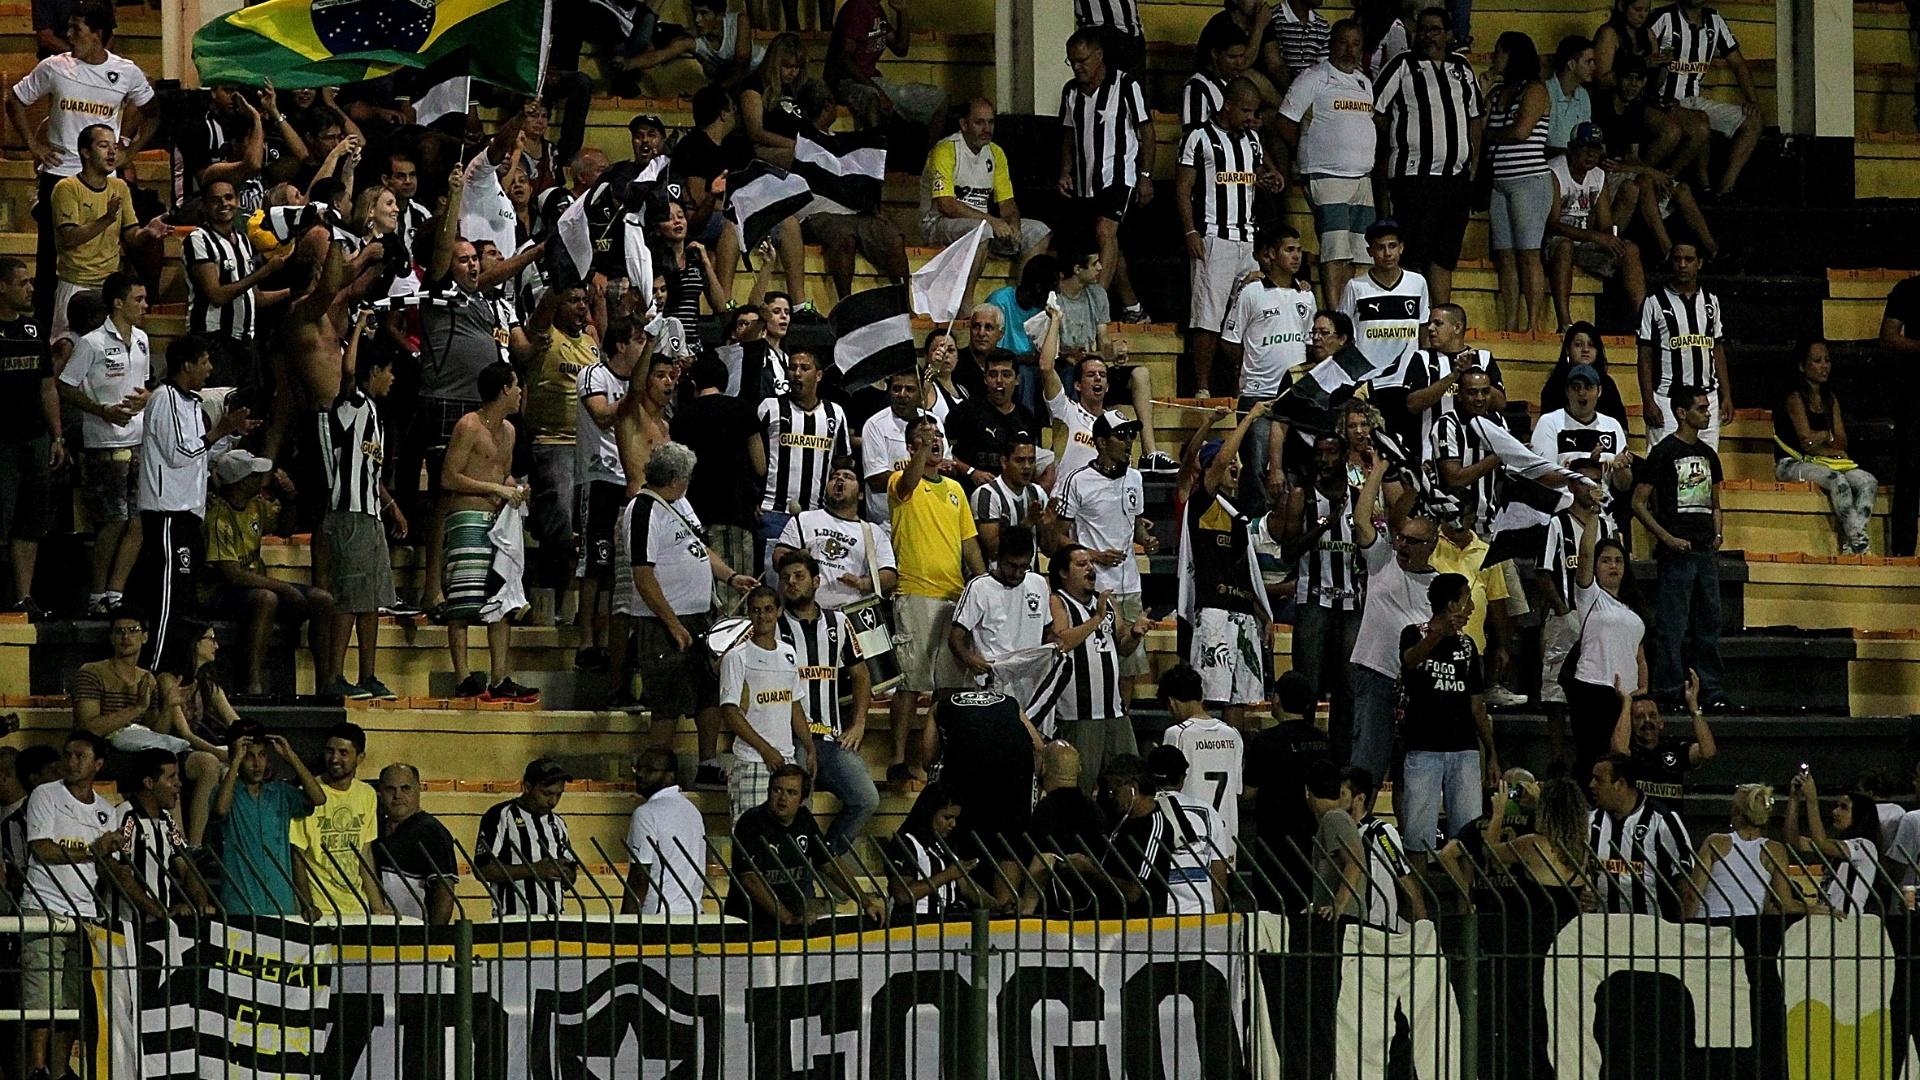 Torcida comparece ao Raulino de Oliveira, em Volta Redonda, para apoiar time do Botafogo